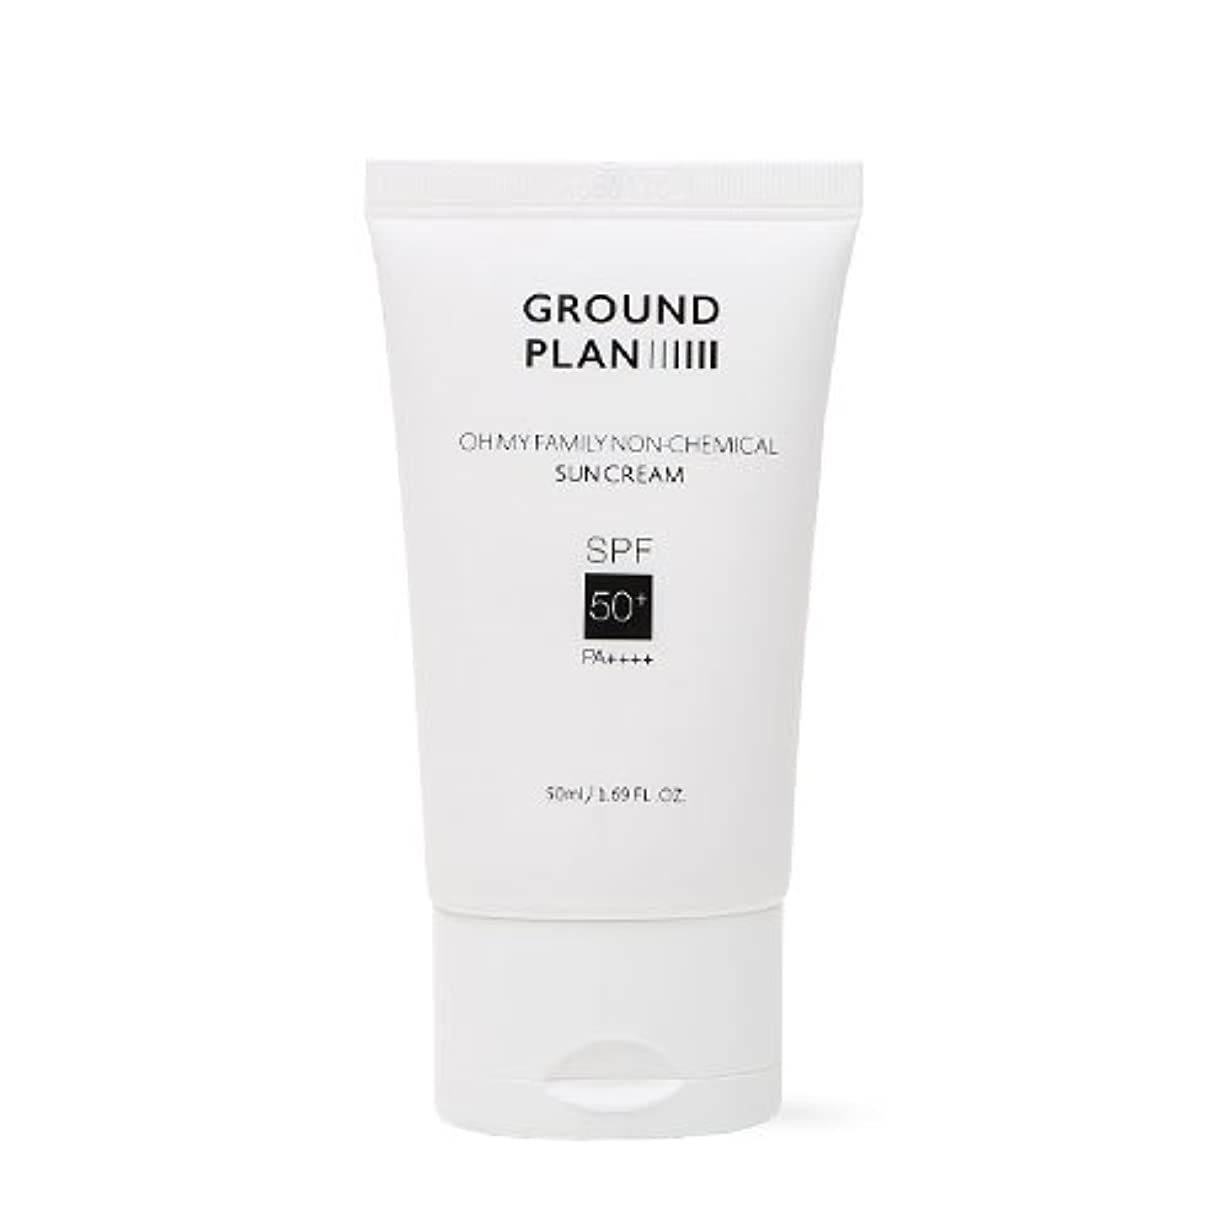 バーガー鼓舞するマウンド[GROUND PLAN] Oh My Family Non-Chemical Sun Cream 50ml グラウンドプランファミリーノンケミカルサンクリーム [並行輸入品]